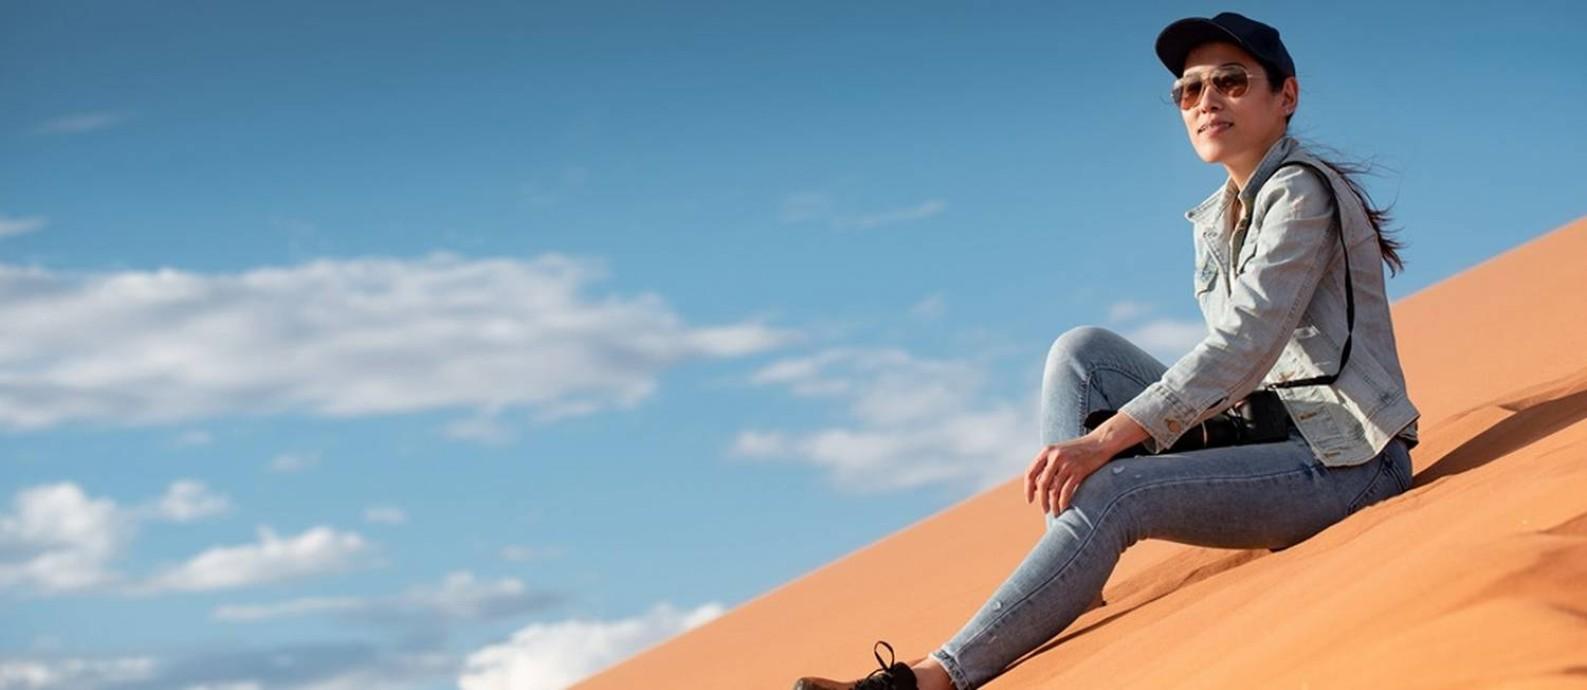 Roupas que cubram a maior parte do corpo são essenciais para minimizar os efeitos do sol forte das áreas desérticas Foto: Fotolia